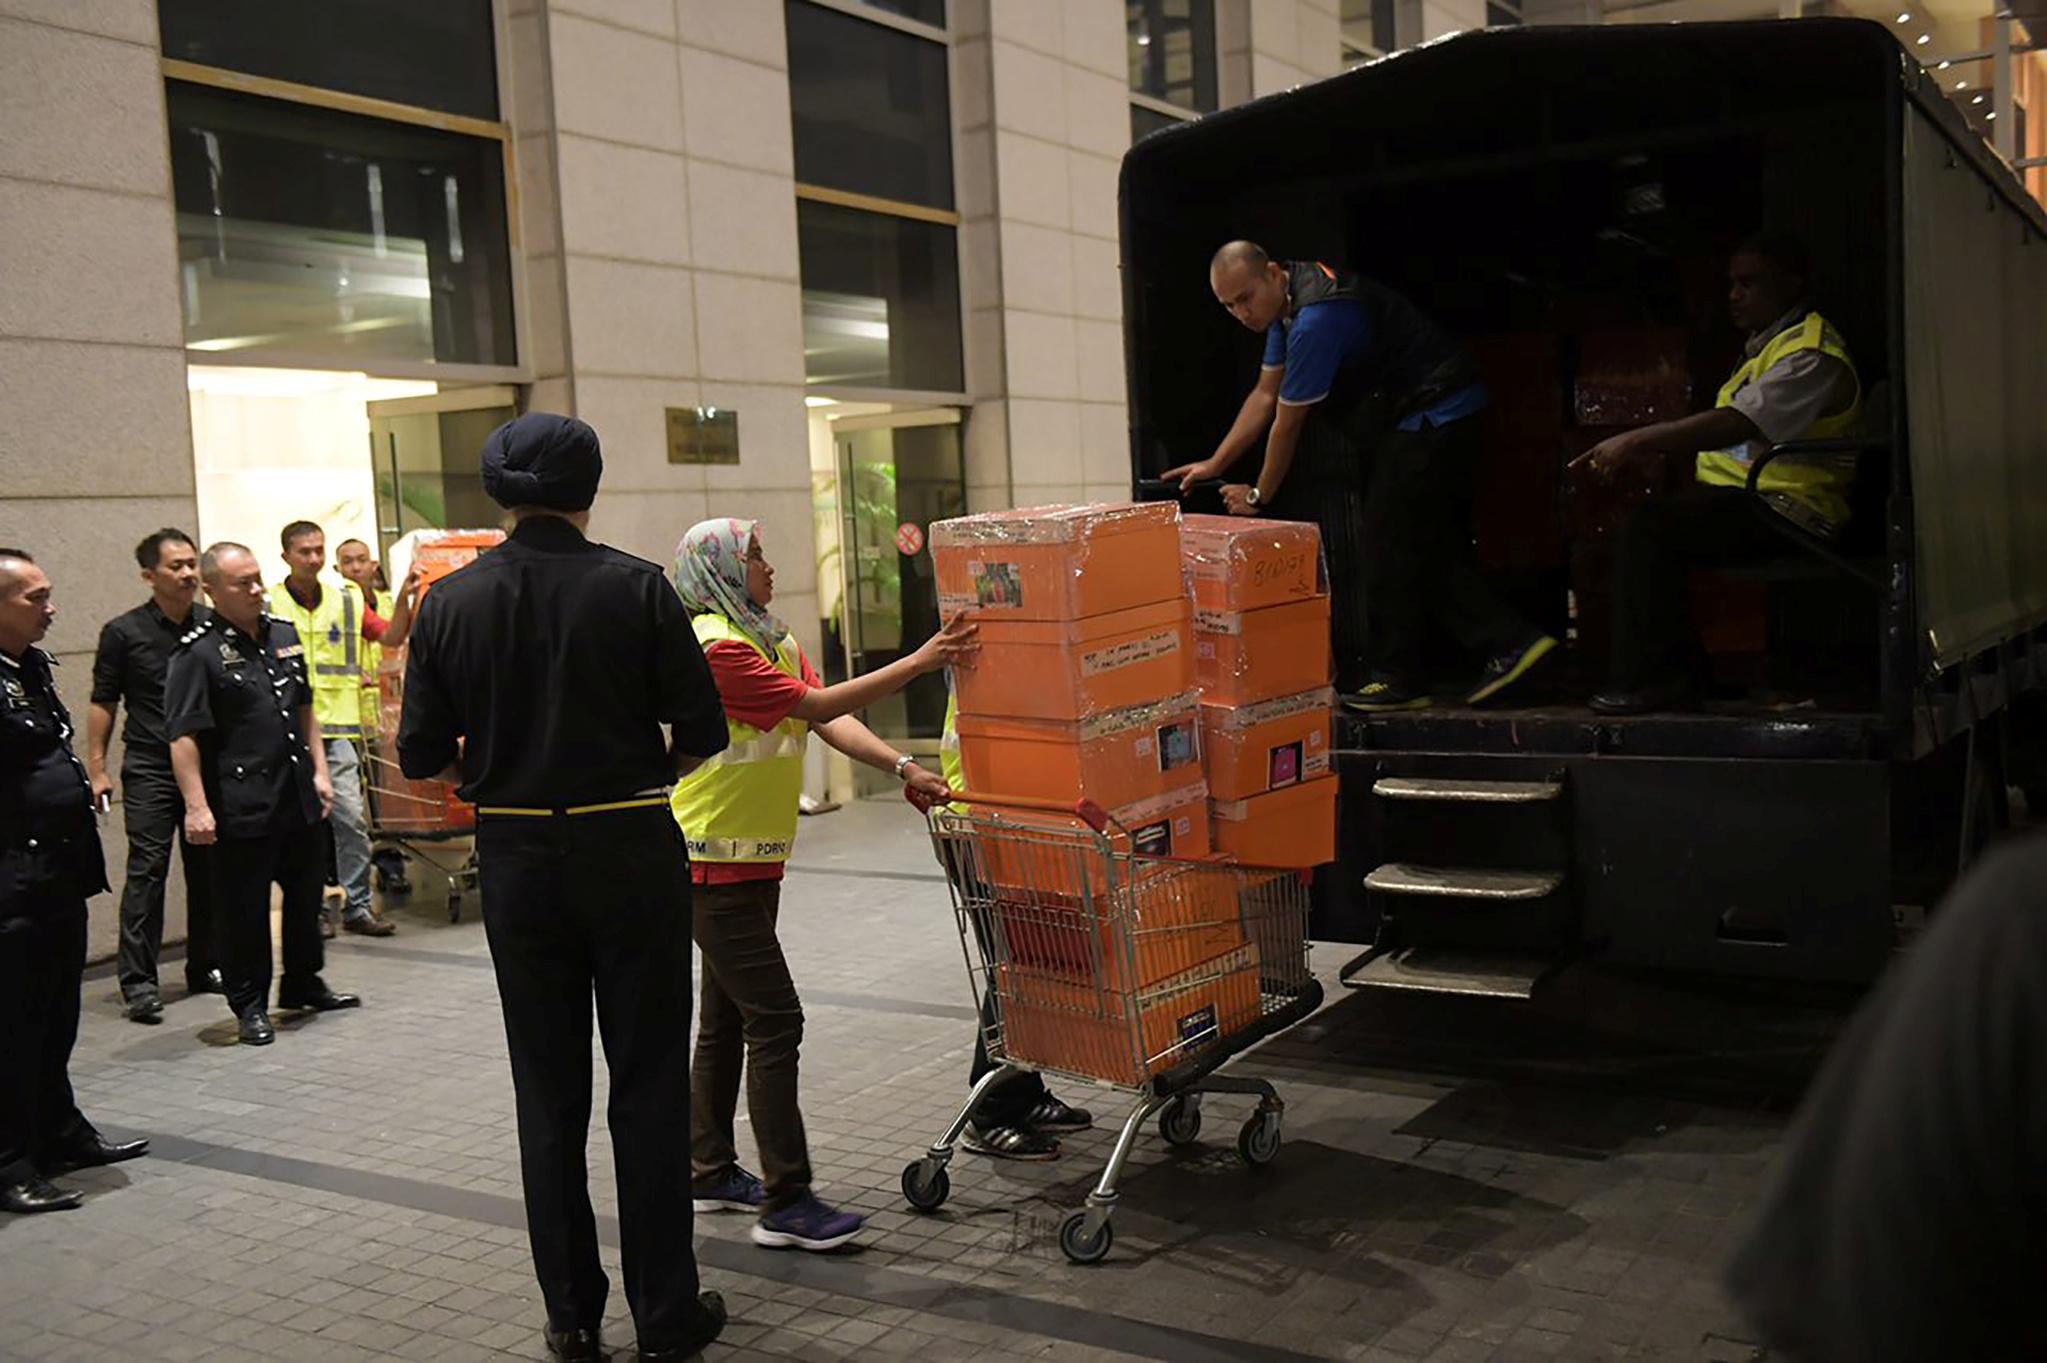 الشرطة تضع الحقائب داخل شاحنة